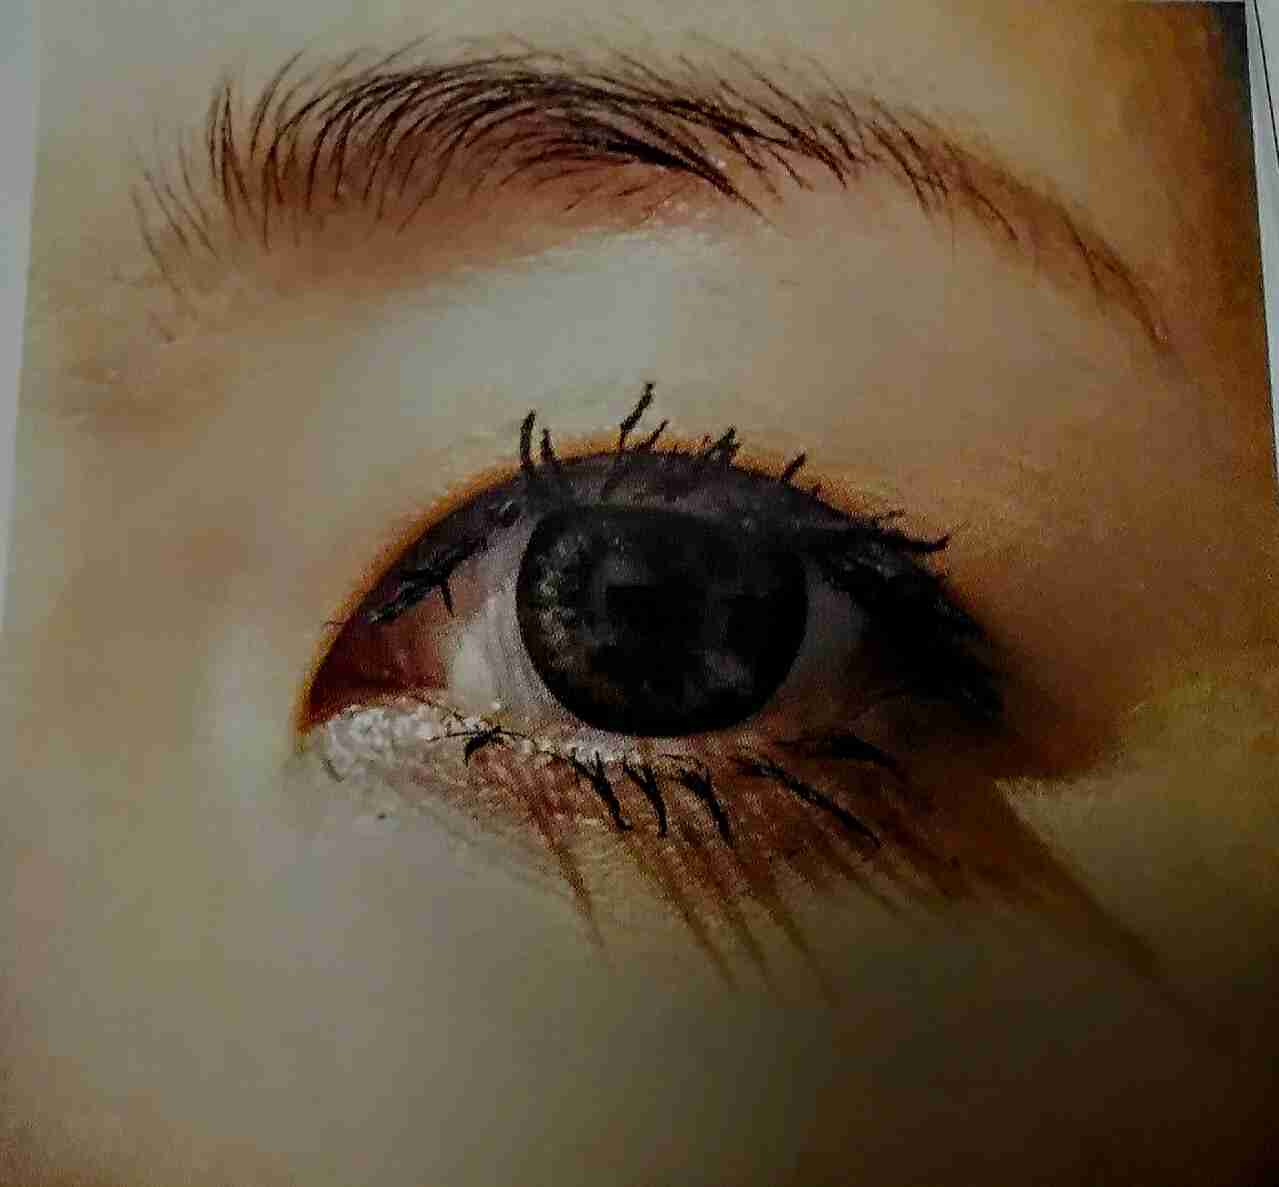 目が小さい人のメイク